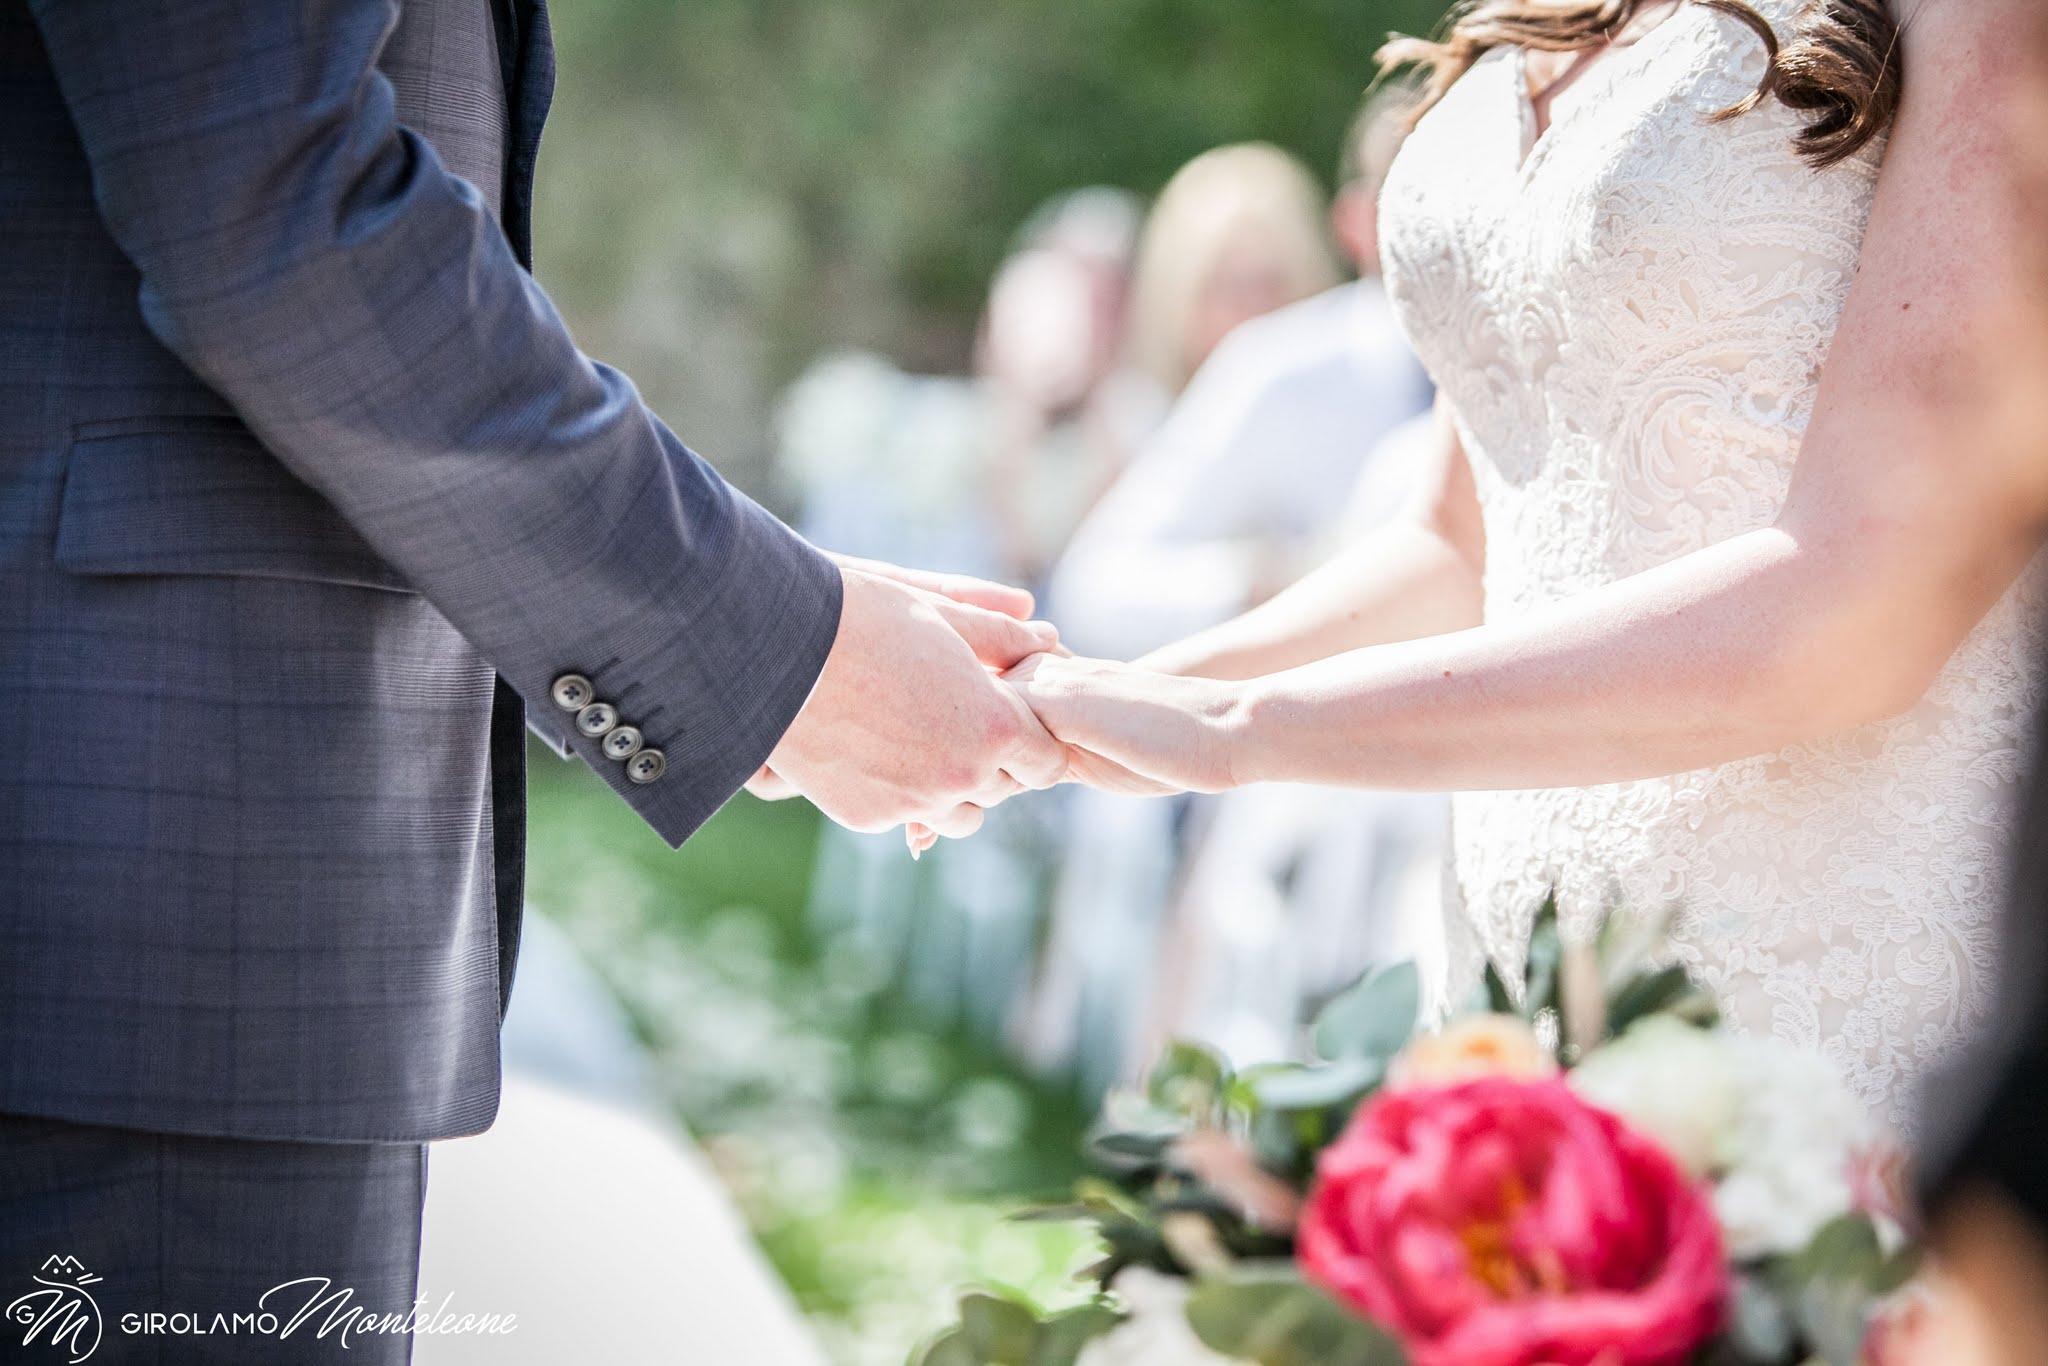 fotografo matrimonio Roma photographer in Italy WEDDING_in_UMBRIA_ITALY_Castello_di_Rosciano_GIROLAMOMONTELEONE.COM__2017-maggio31162218